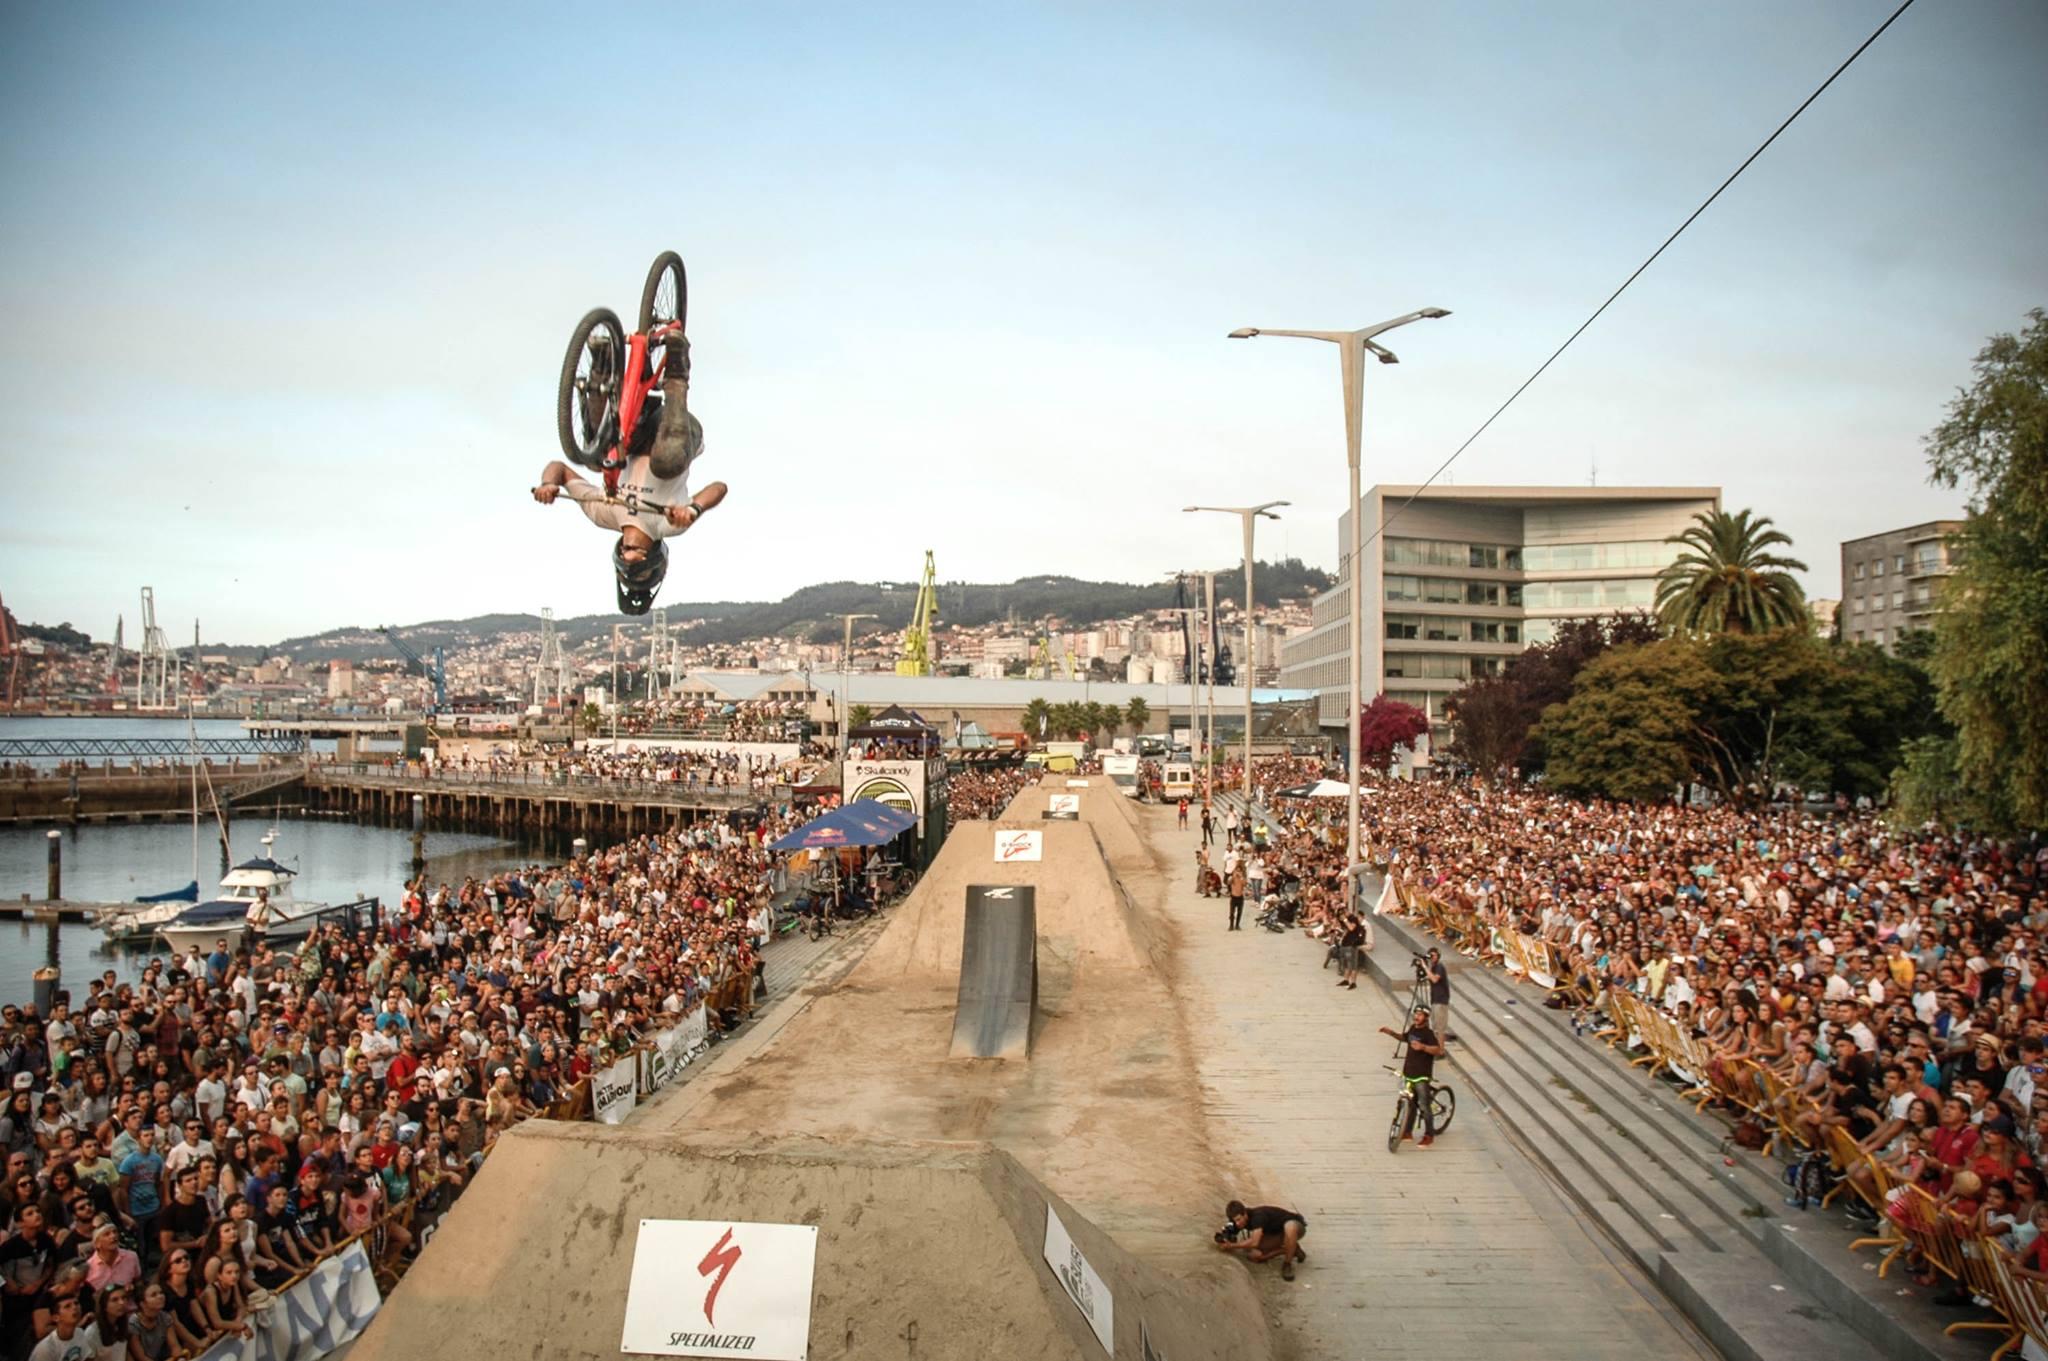 Todo sobre O Marisquiño 2018 en Vigo